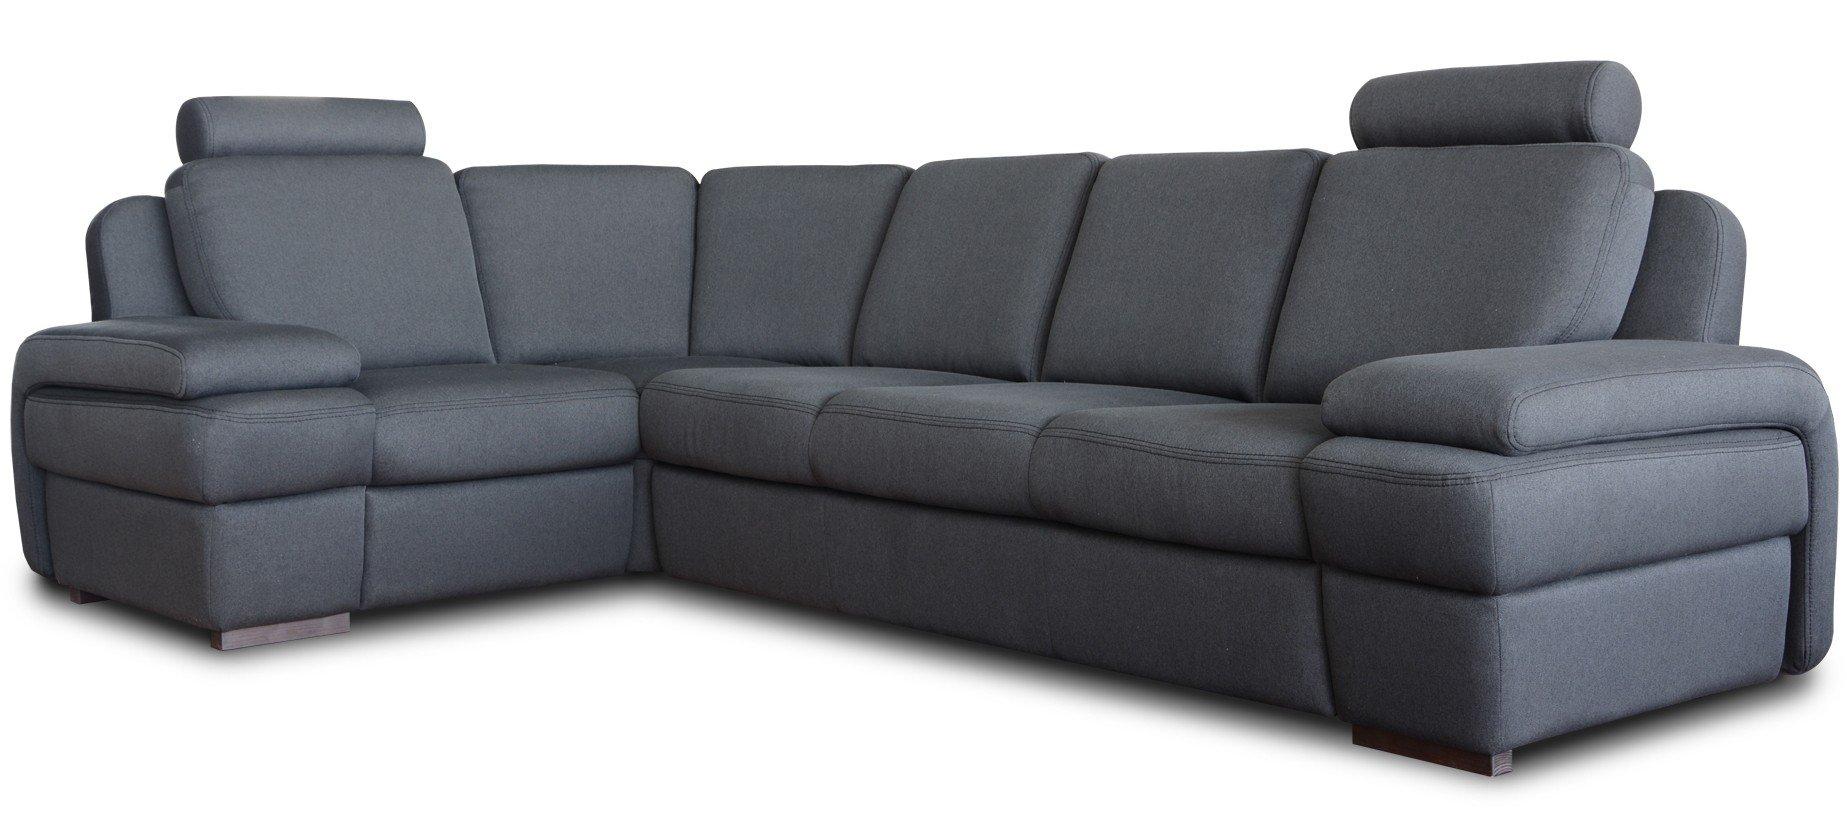 Модульные угловые диваны